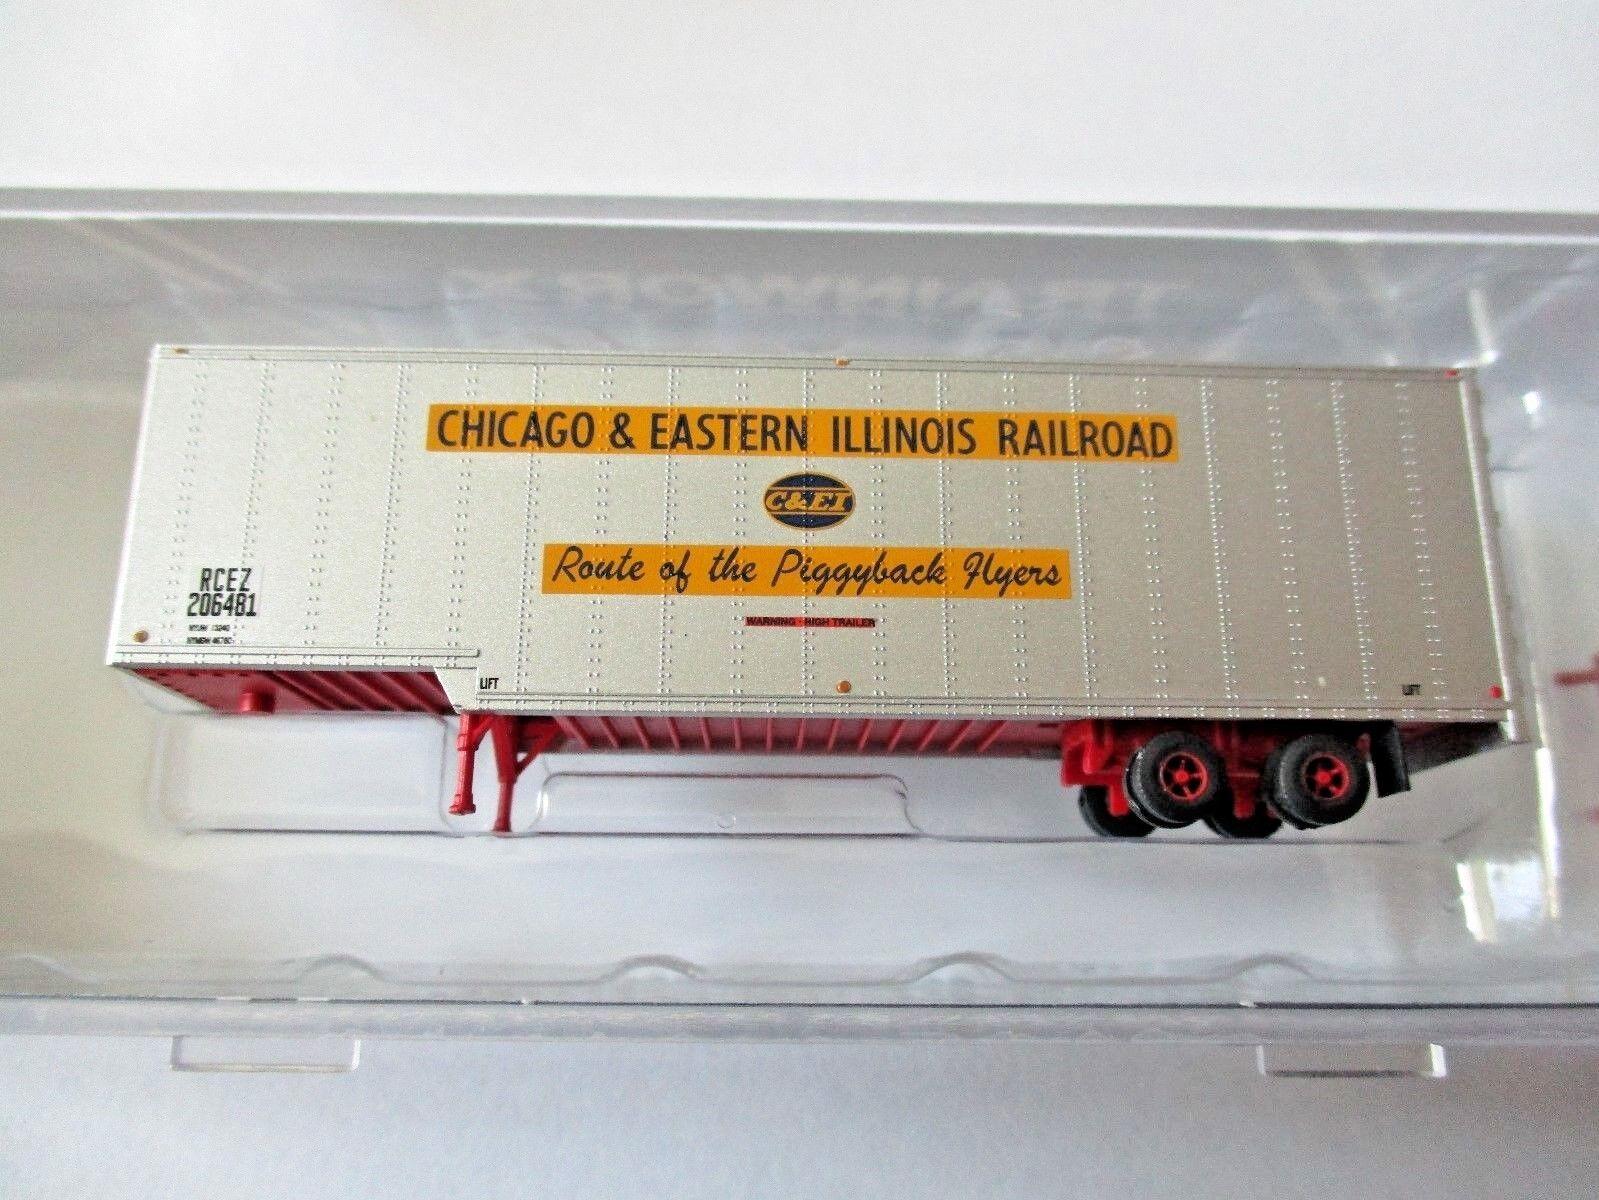 3 TrainWorx 40303 C&ei 40\' Drop Frame Trailer N Scale | eBay